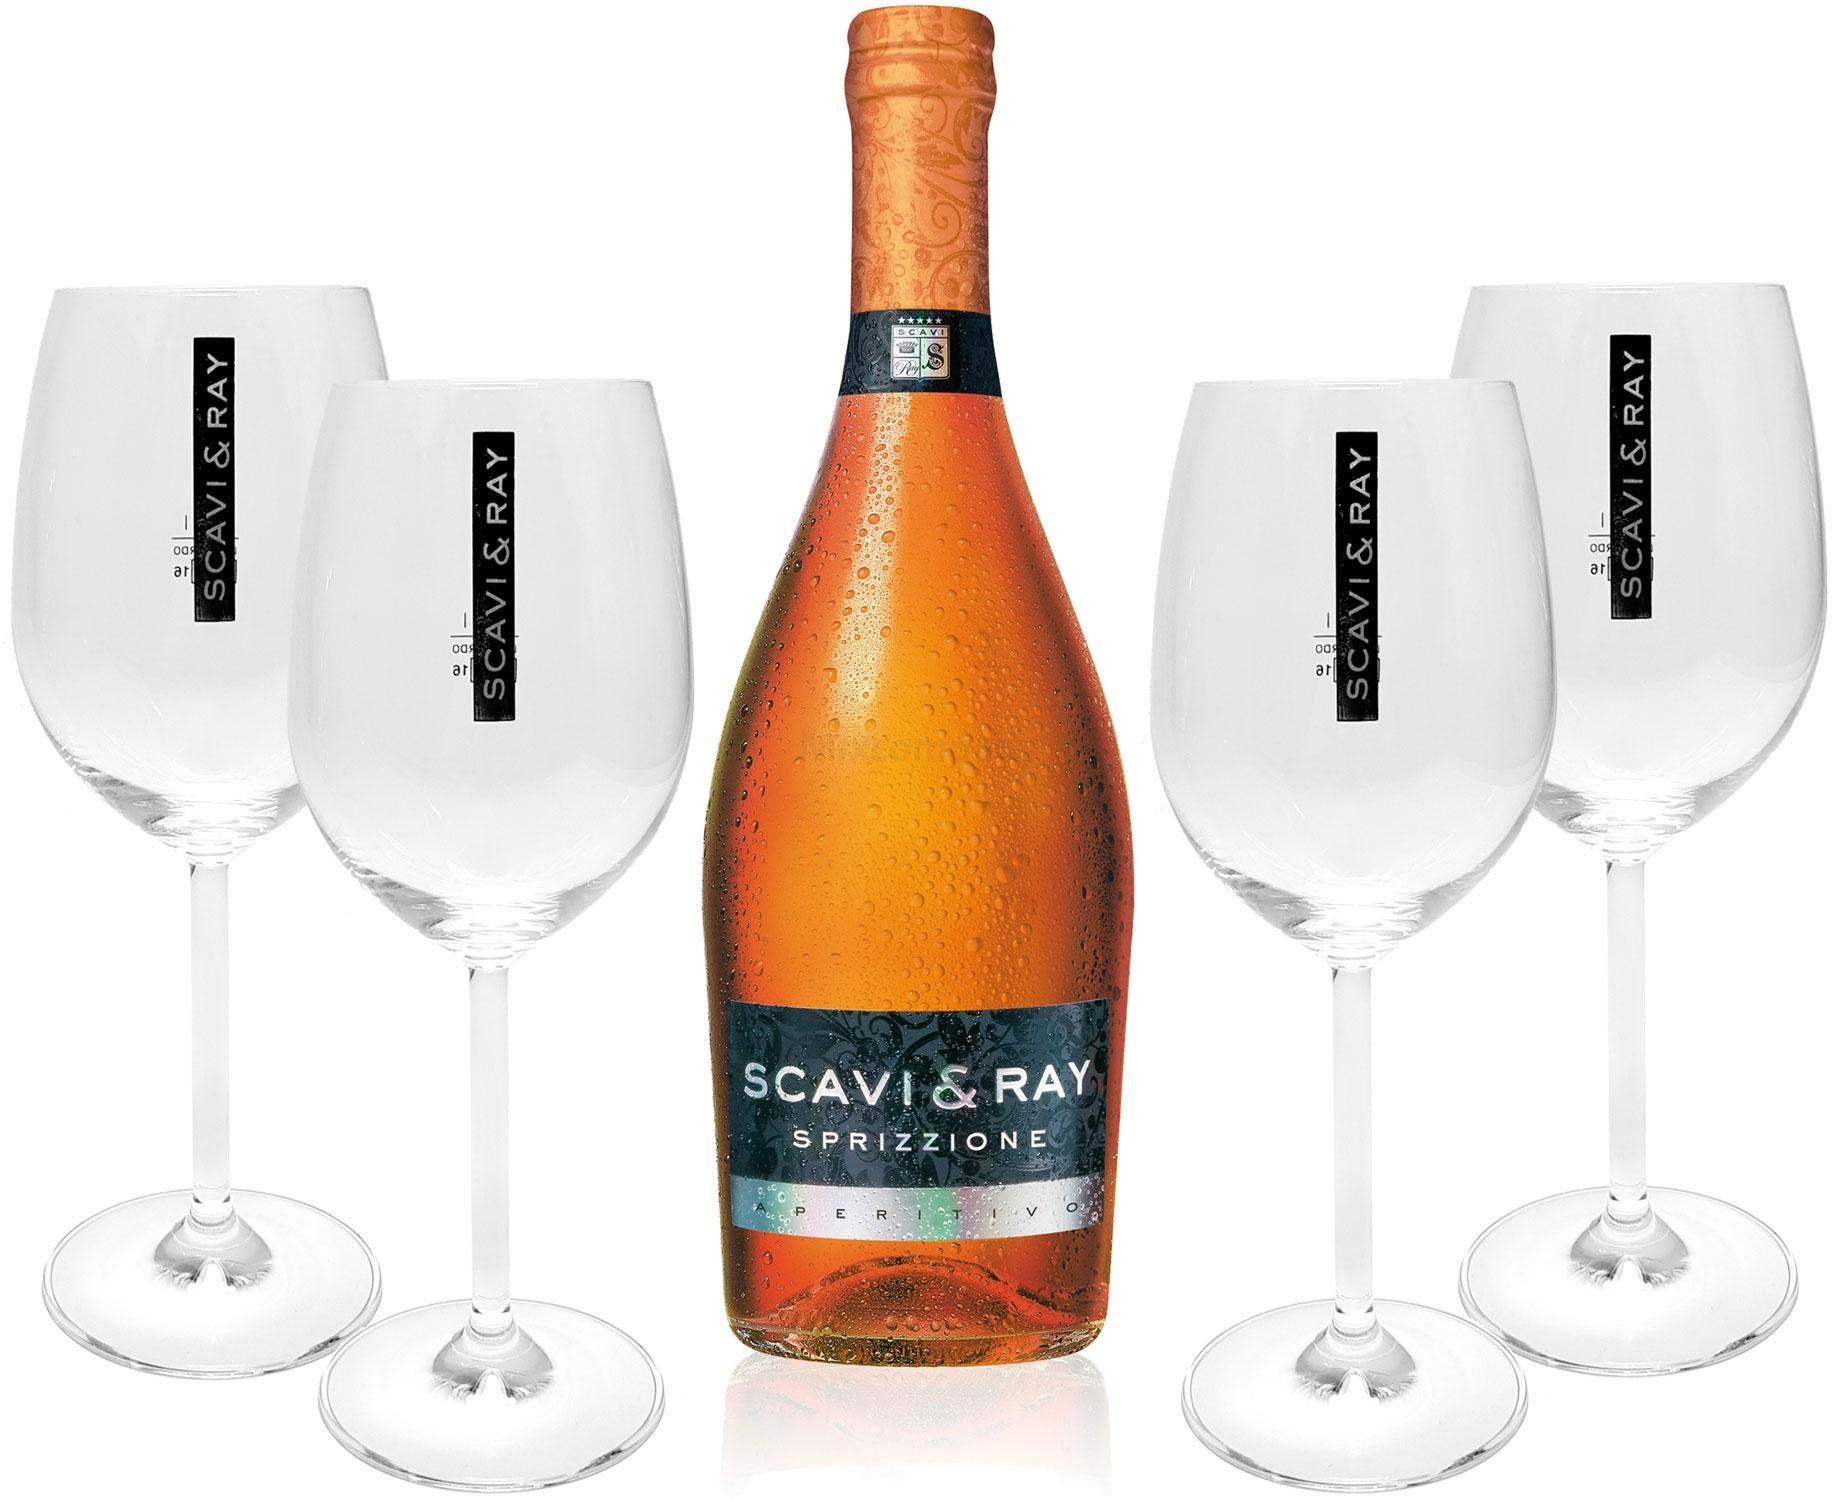 Scavi & Ray Sprizzione Aperitivo 0,75l (8% Vol) + 4x Ballon Gläser (20cl) -[Enthält Sulfite]